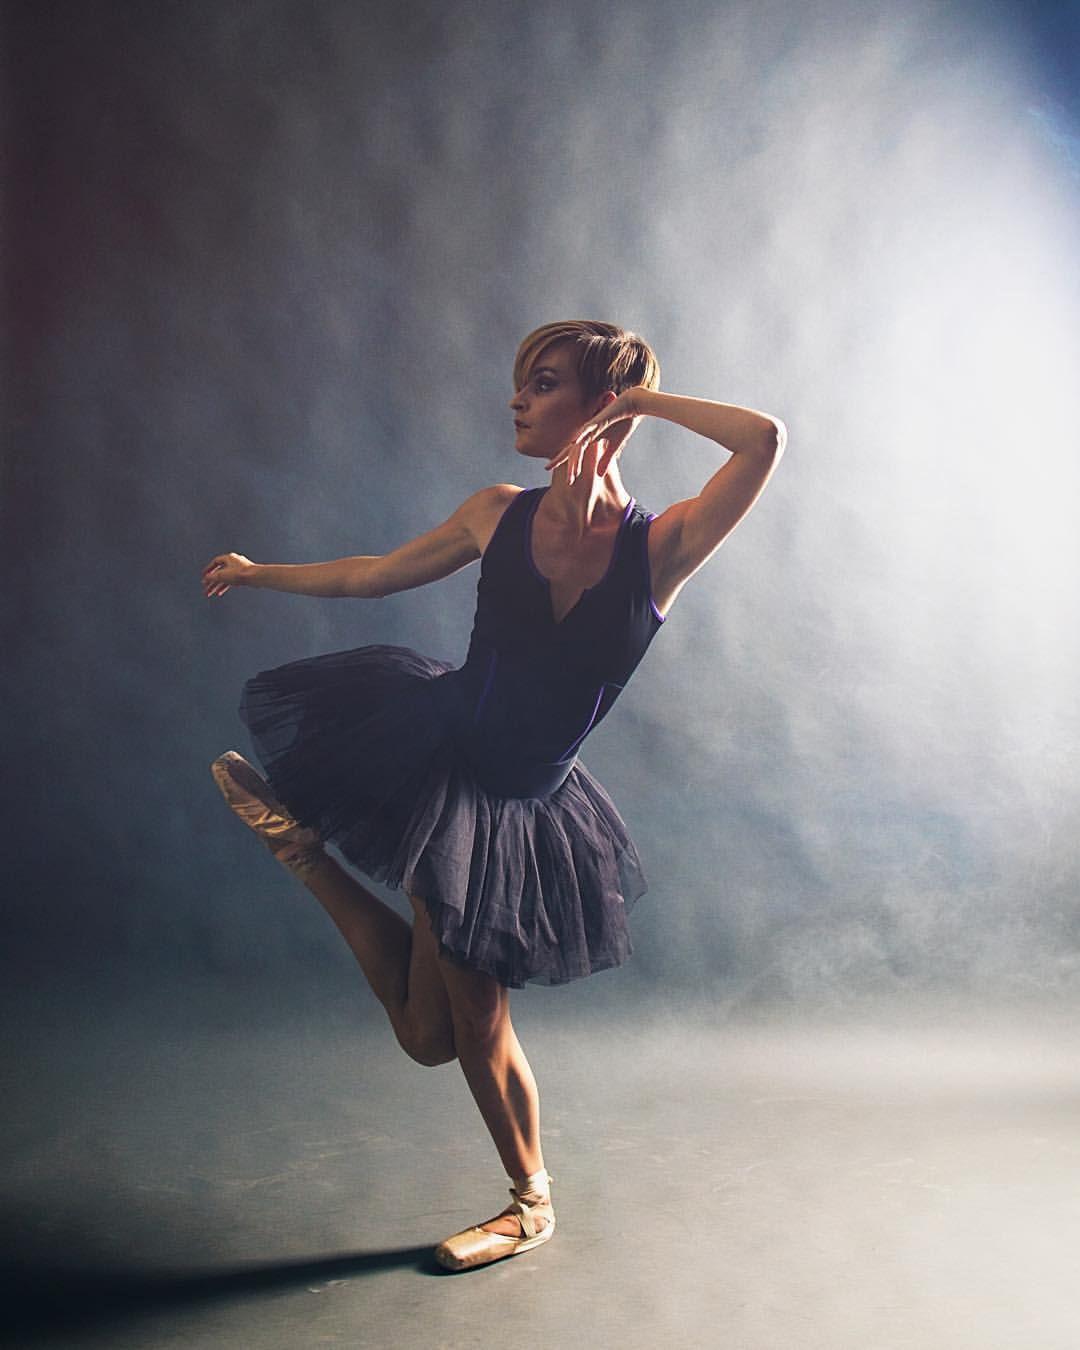 """Ballet Zaida on Instagram: """"Affinity - @nicolevoris Wearing - @thedancewearproject Location - @fdphotostudio #balletzaida #thedancewearproject #fdphotostudio #nicolevoris #ballerina"""""""